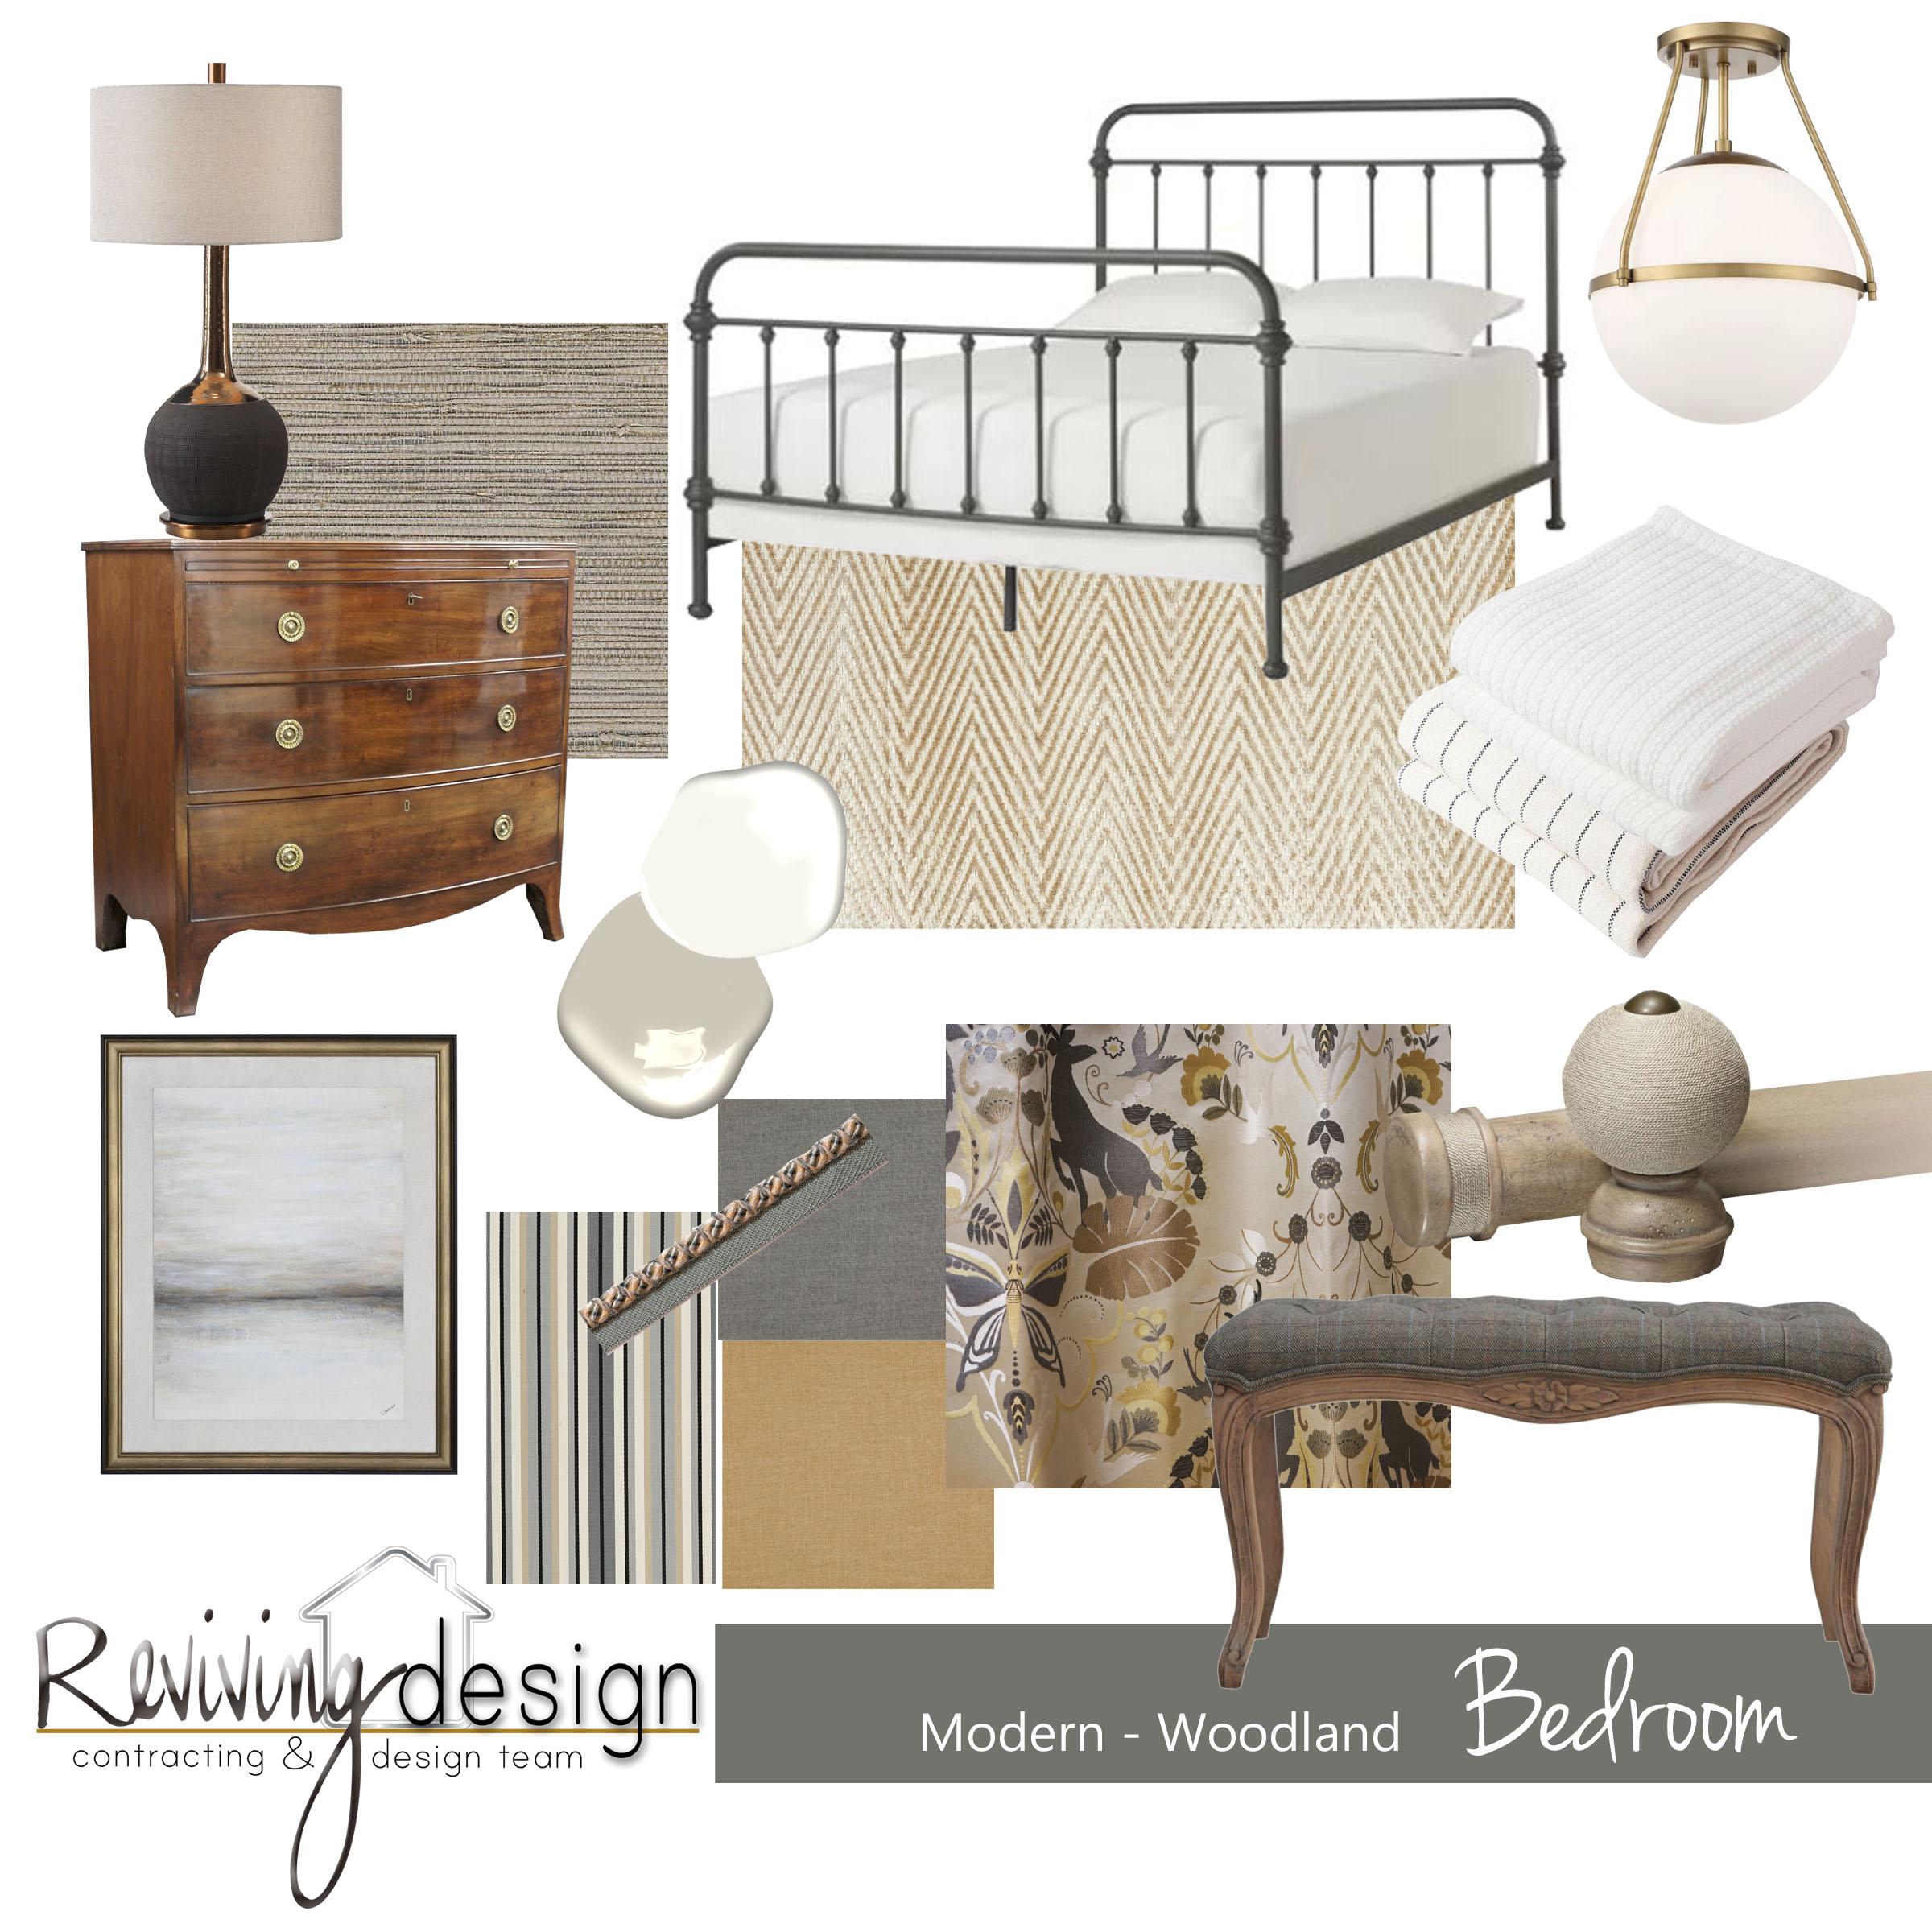 Modern Woodland Bedroom Concept